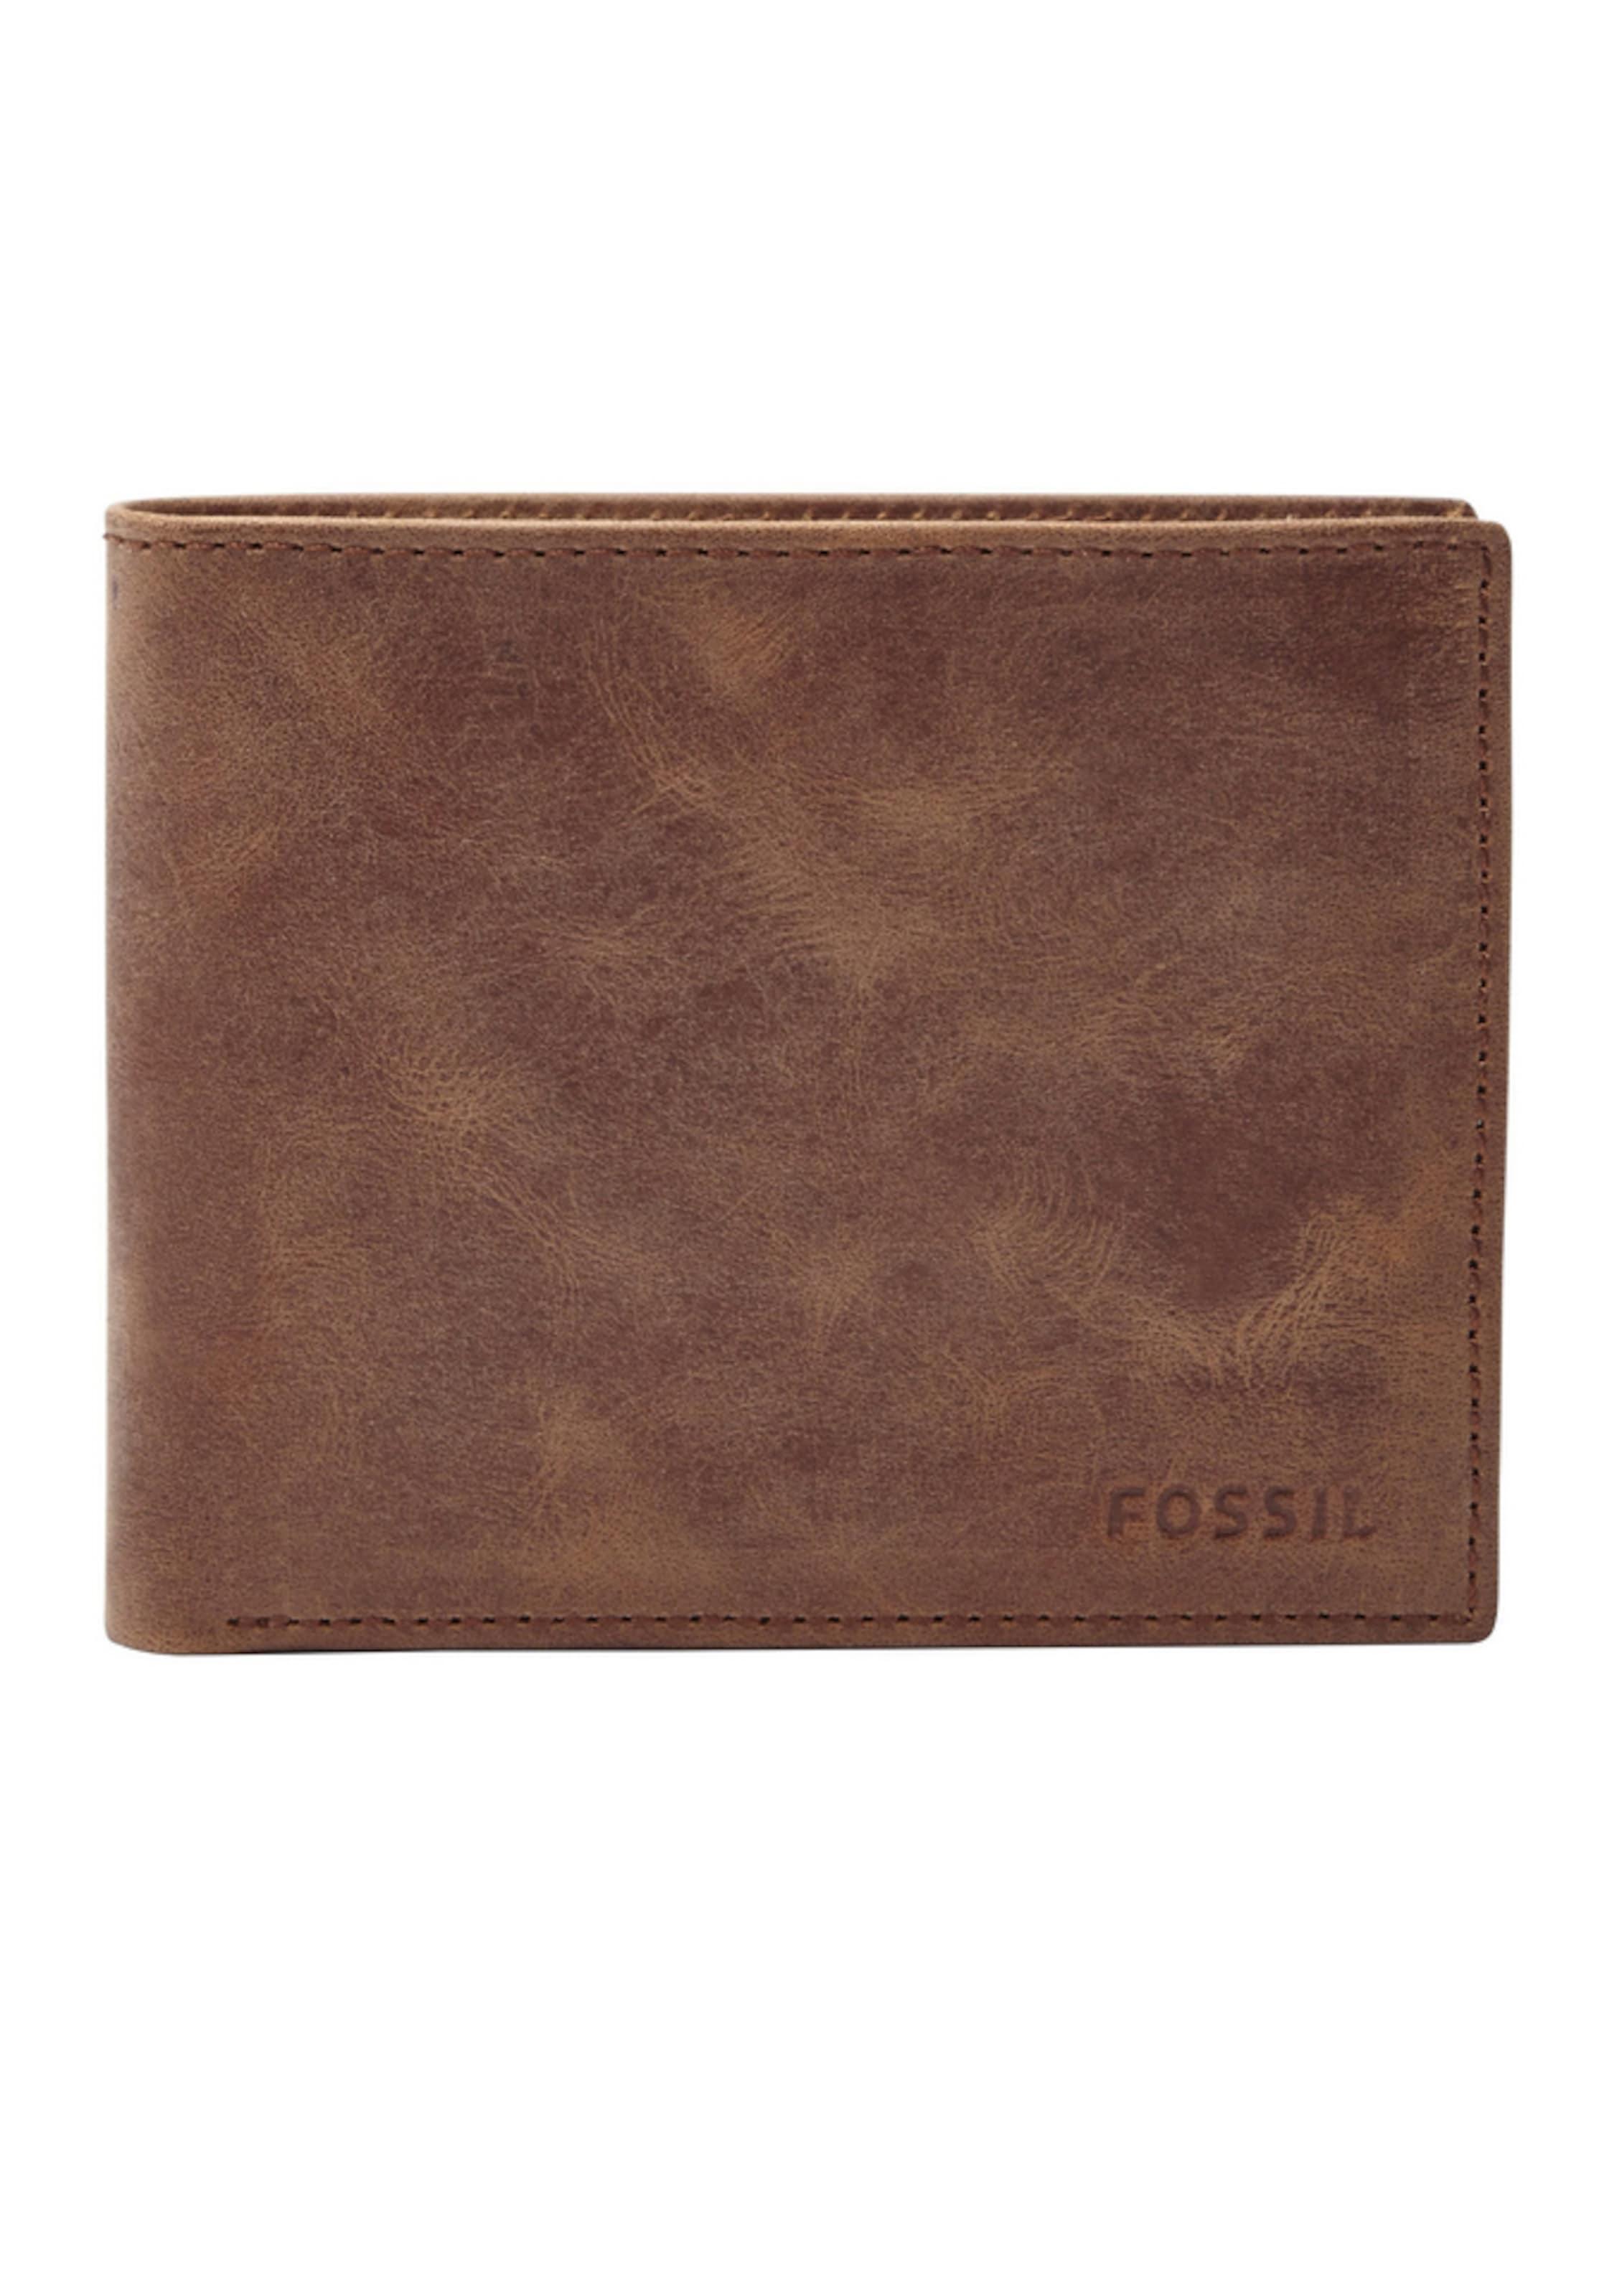 FOSSIL Geldbörse aus Leder im praktischen Format Billige Truhe Bilder O4btiWb